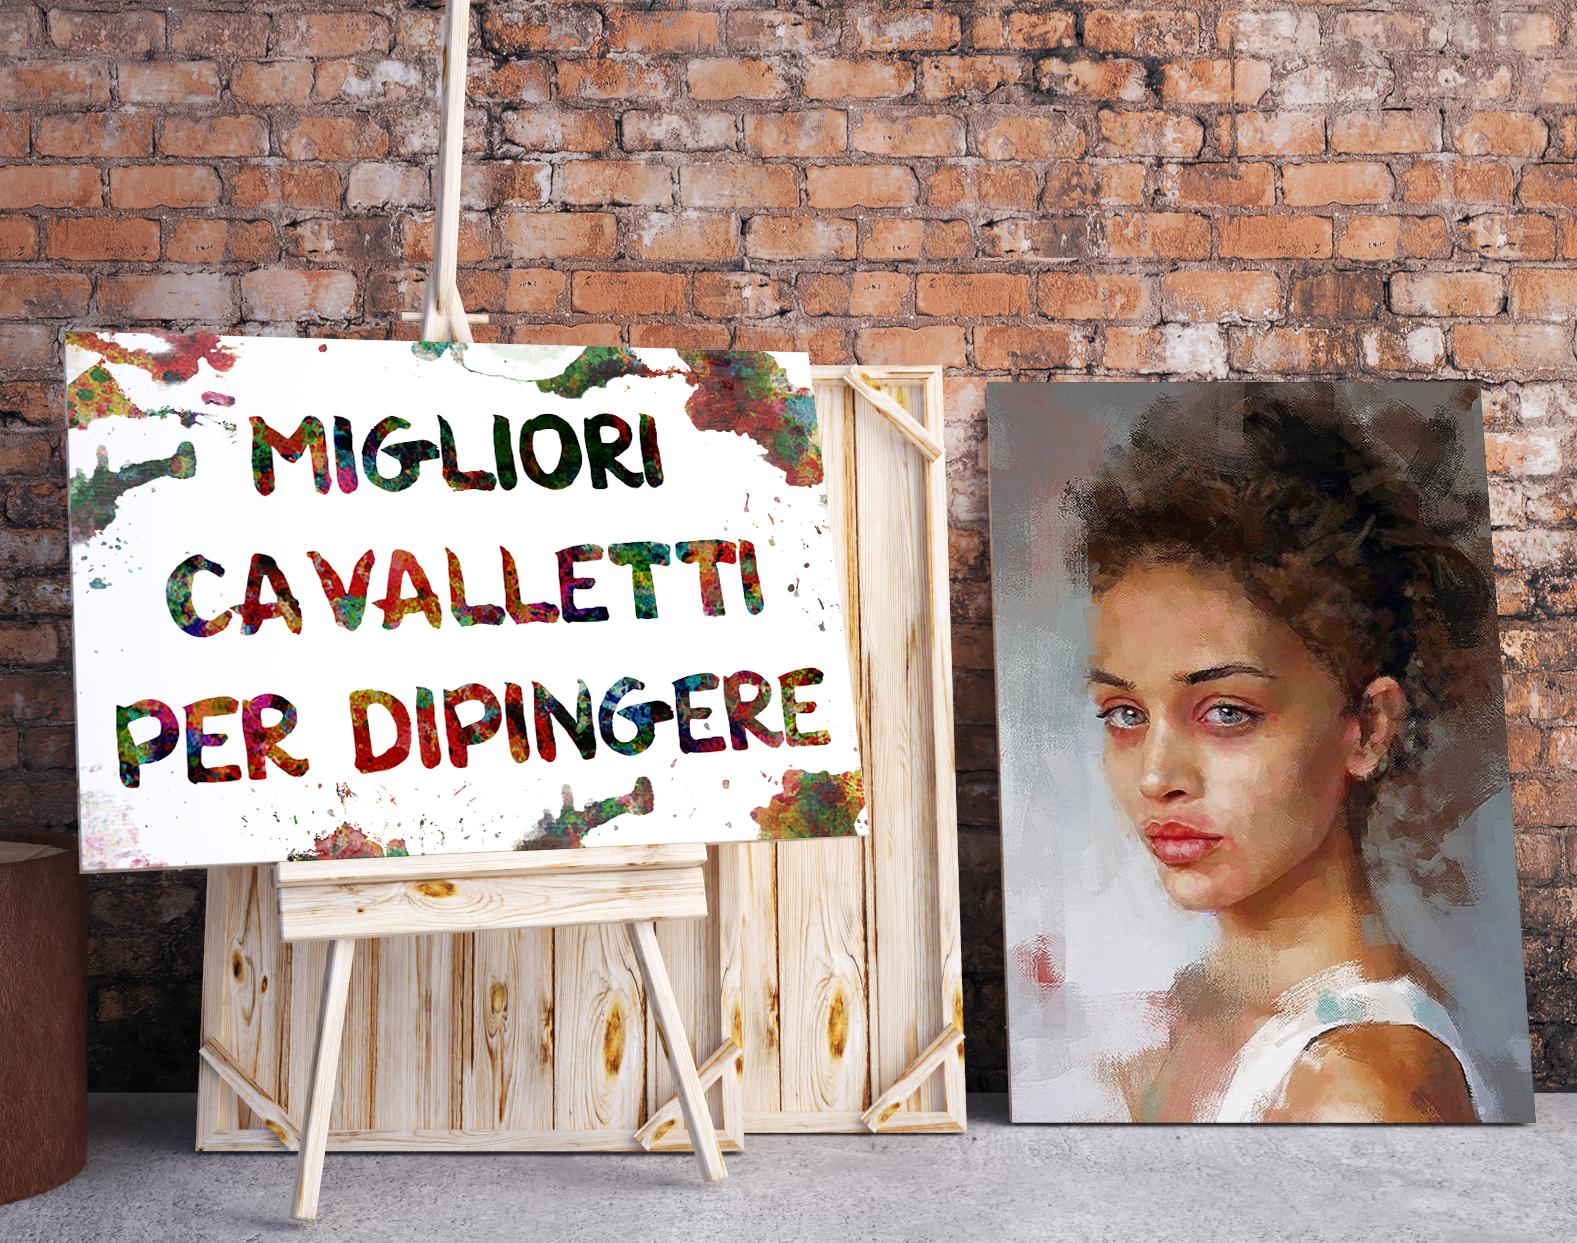 Immagini Belle Da Dipingere cavalletti per dipingere migliori | cavalletti da pittura